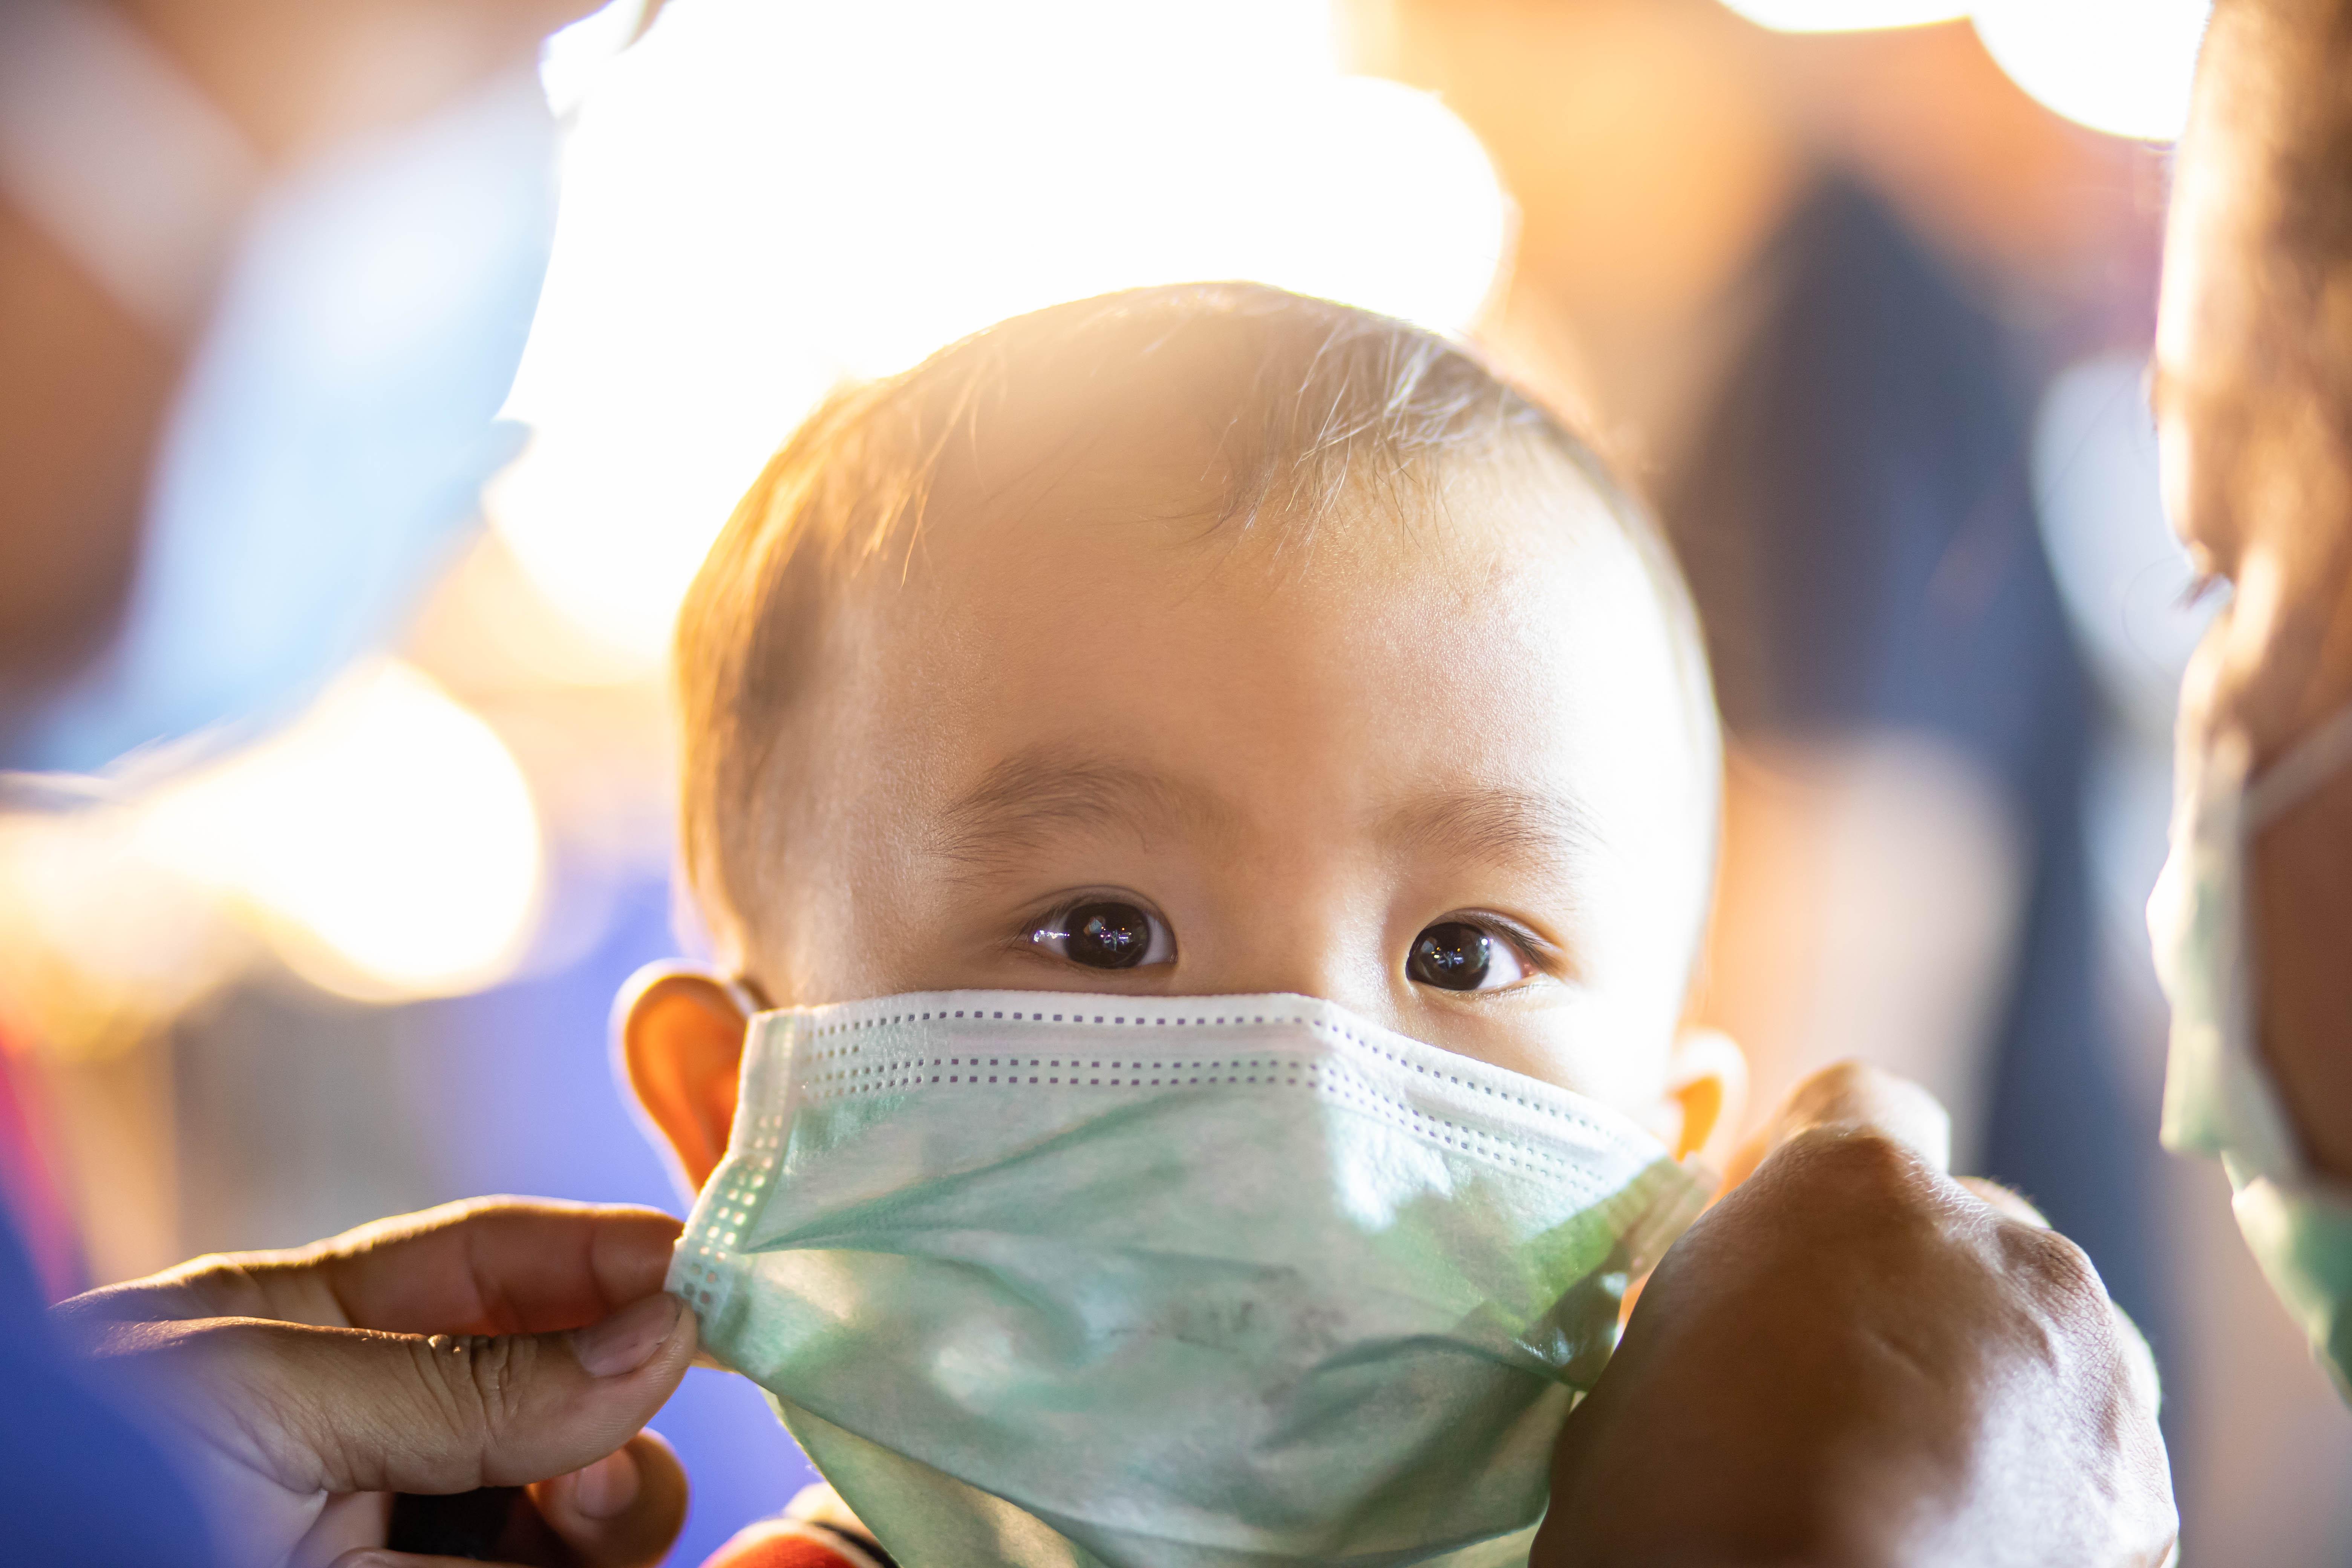 La plupart des enfants infectés mettent 1 à 2 semaines pour se rétablir après le début des symptômes